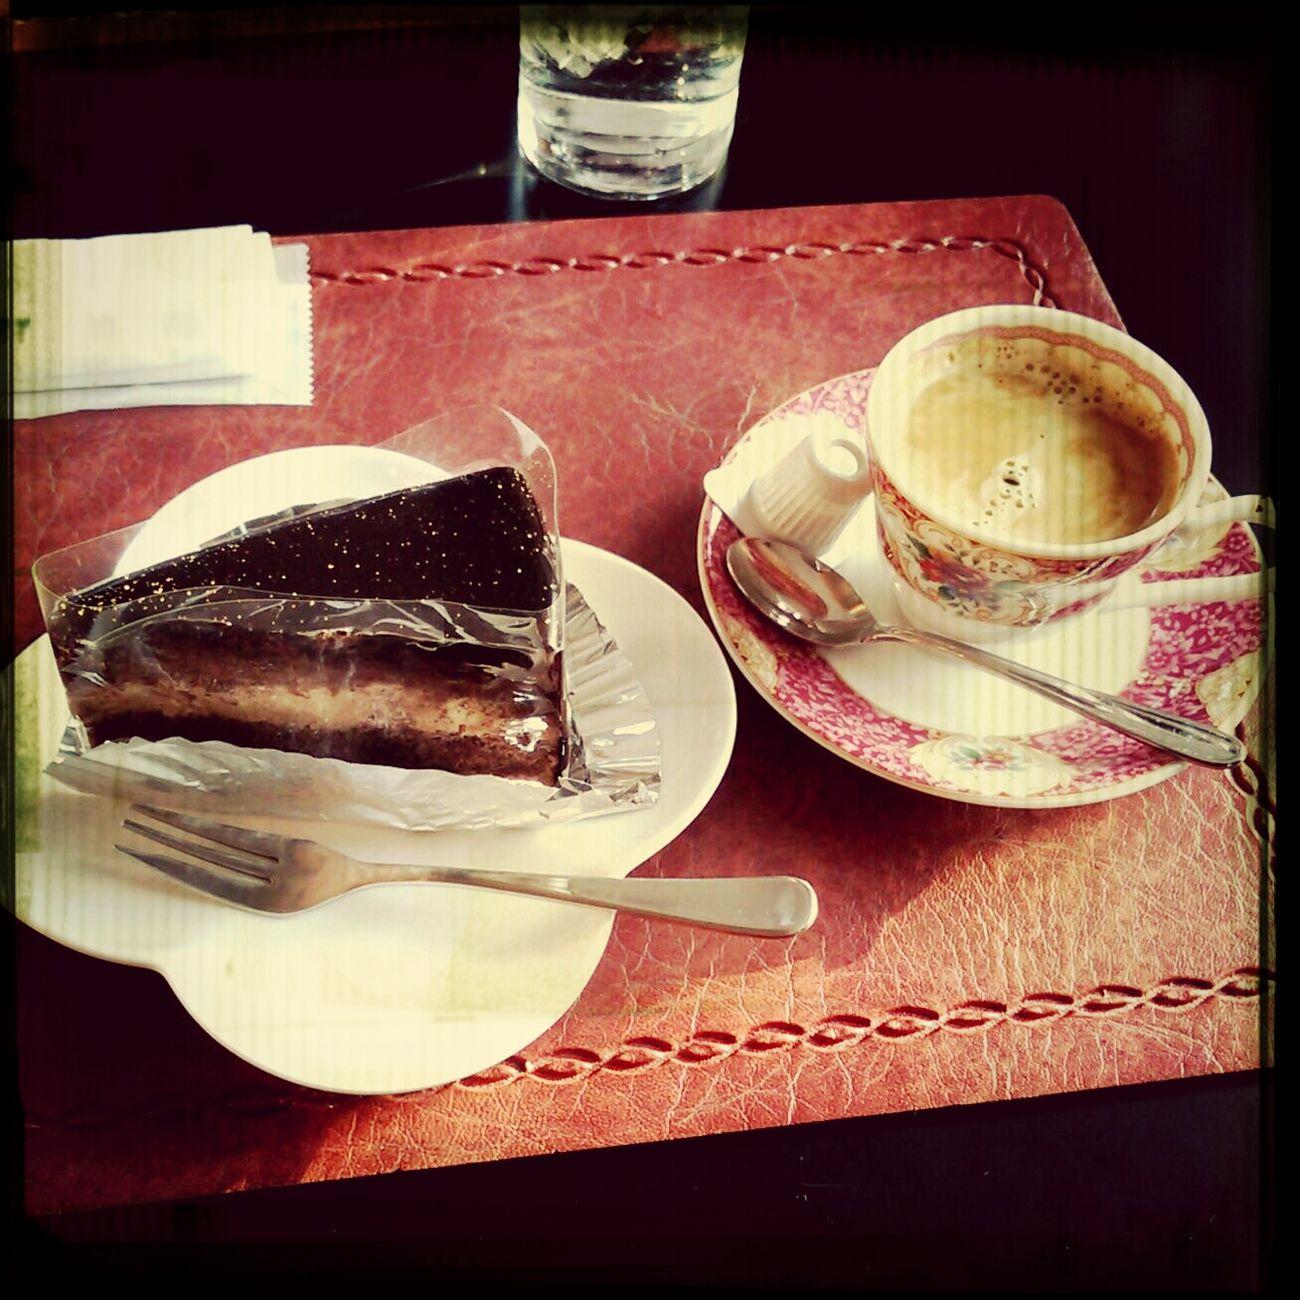 ガトーショコラと、1杯おかわりできるエスプレッソ Chocolate Cake Cakes